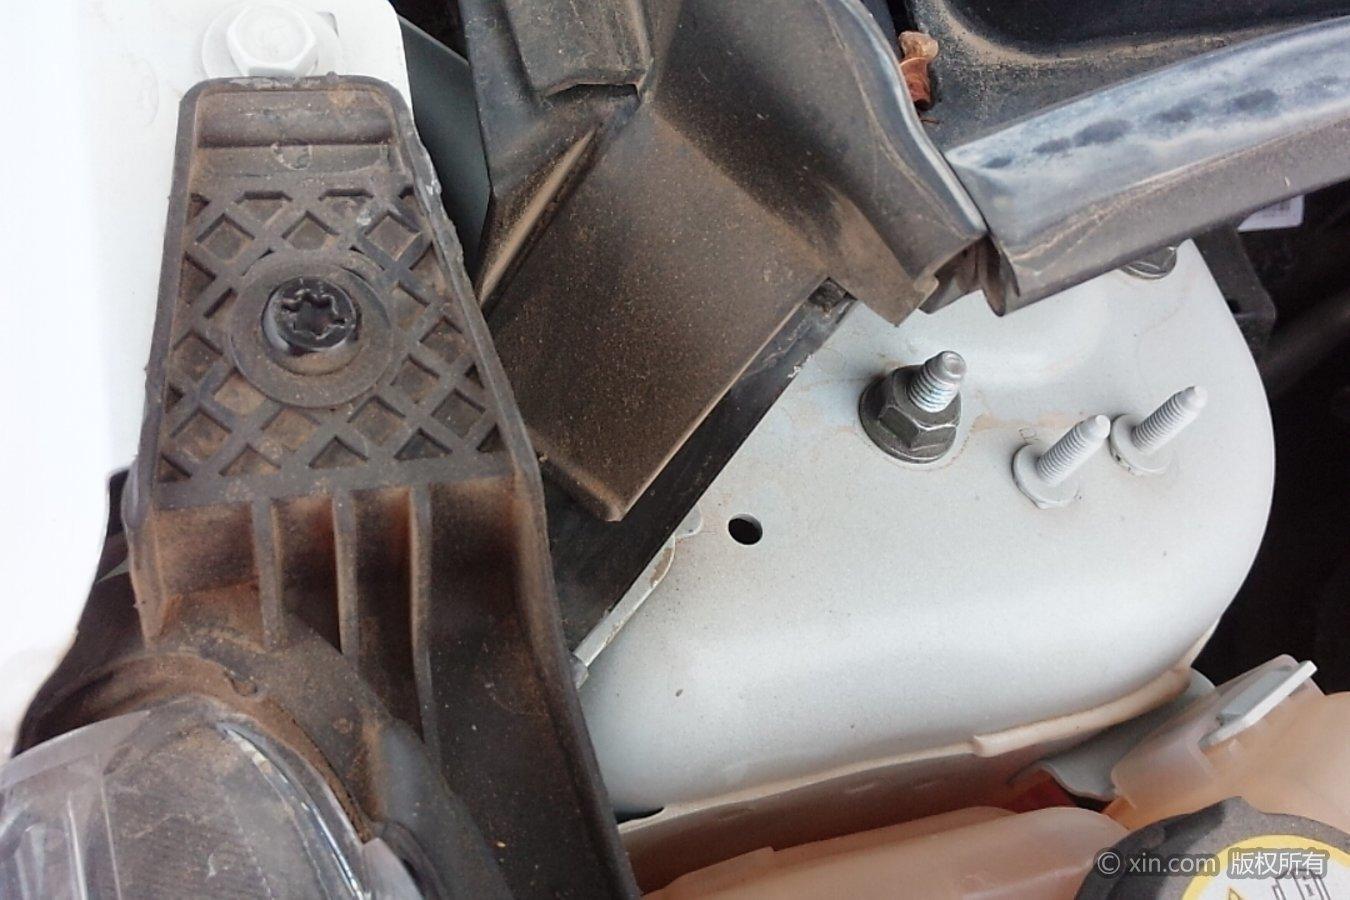 福特 嘉年华两厢 2014款 1.0t 自动 gtdi劲动型